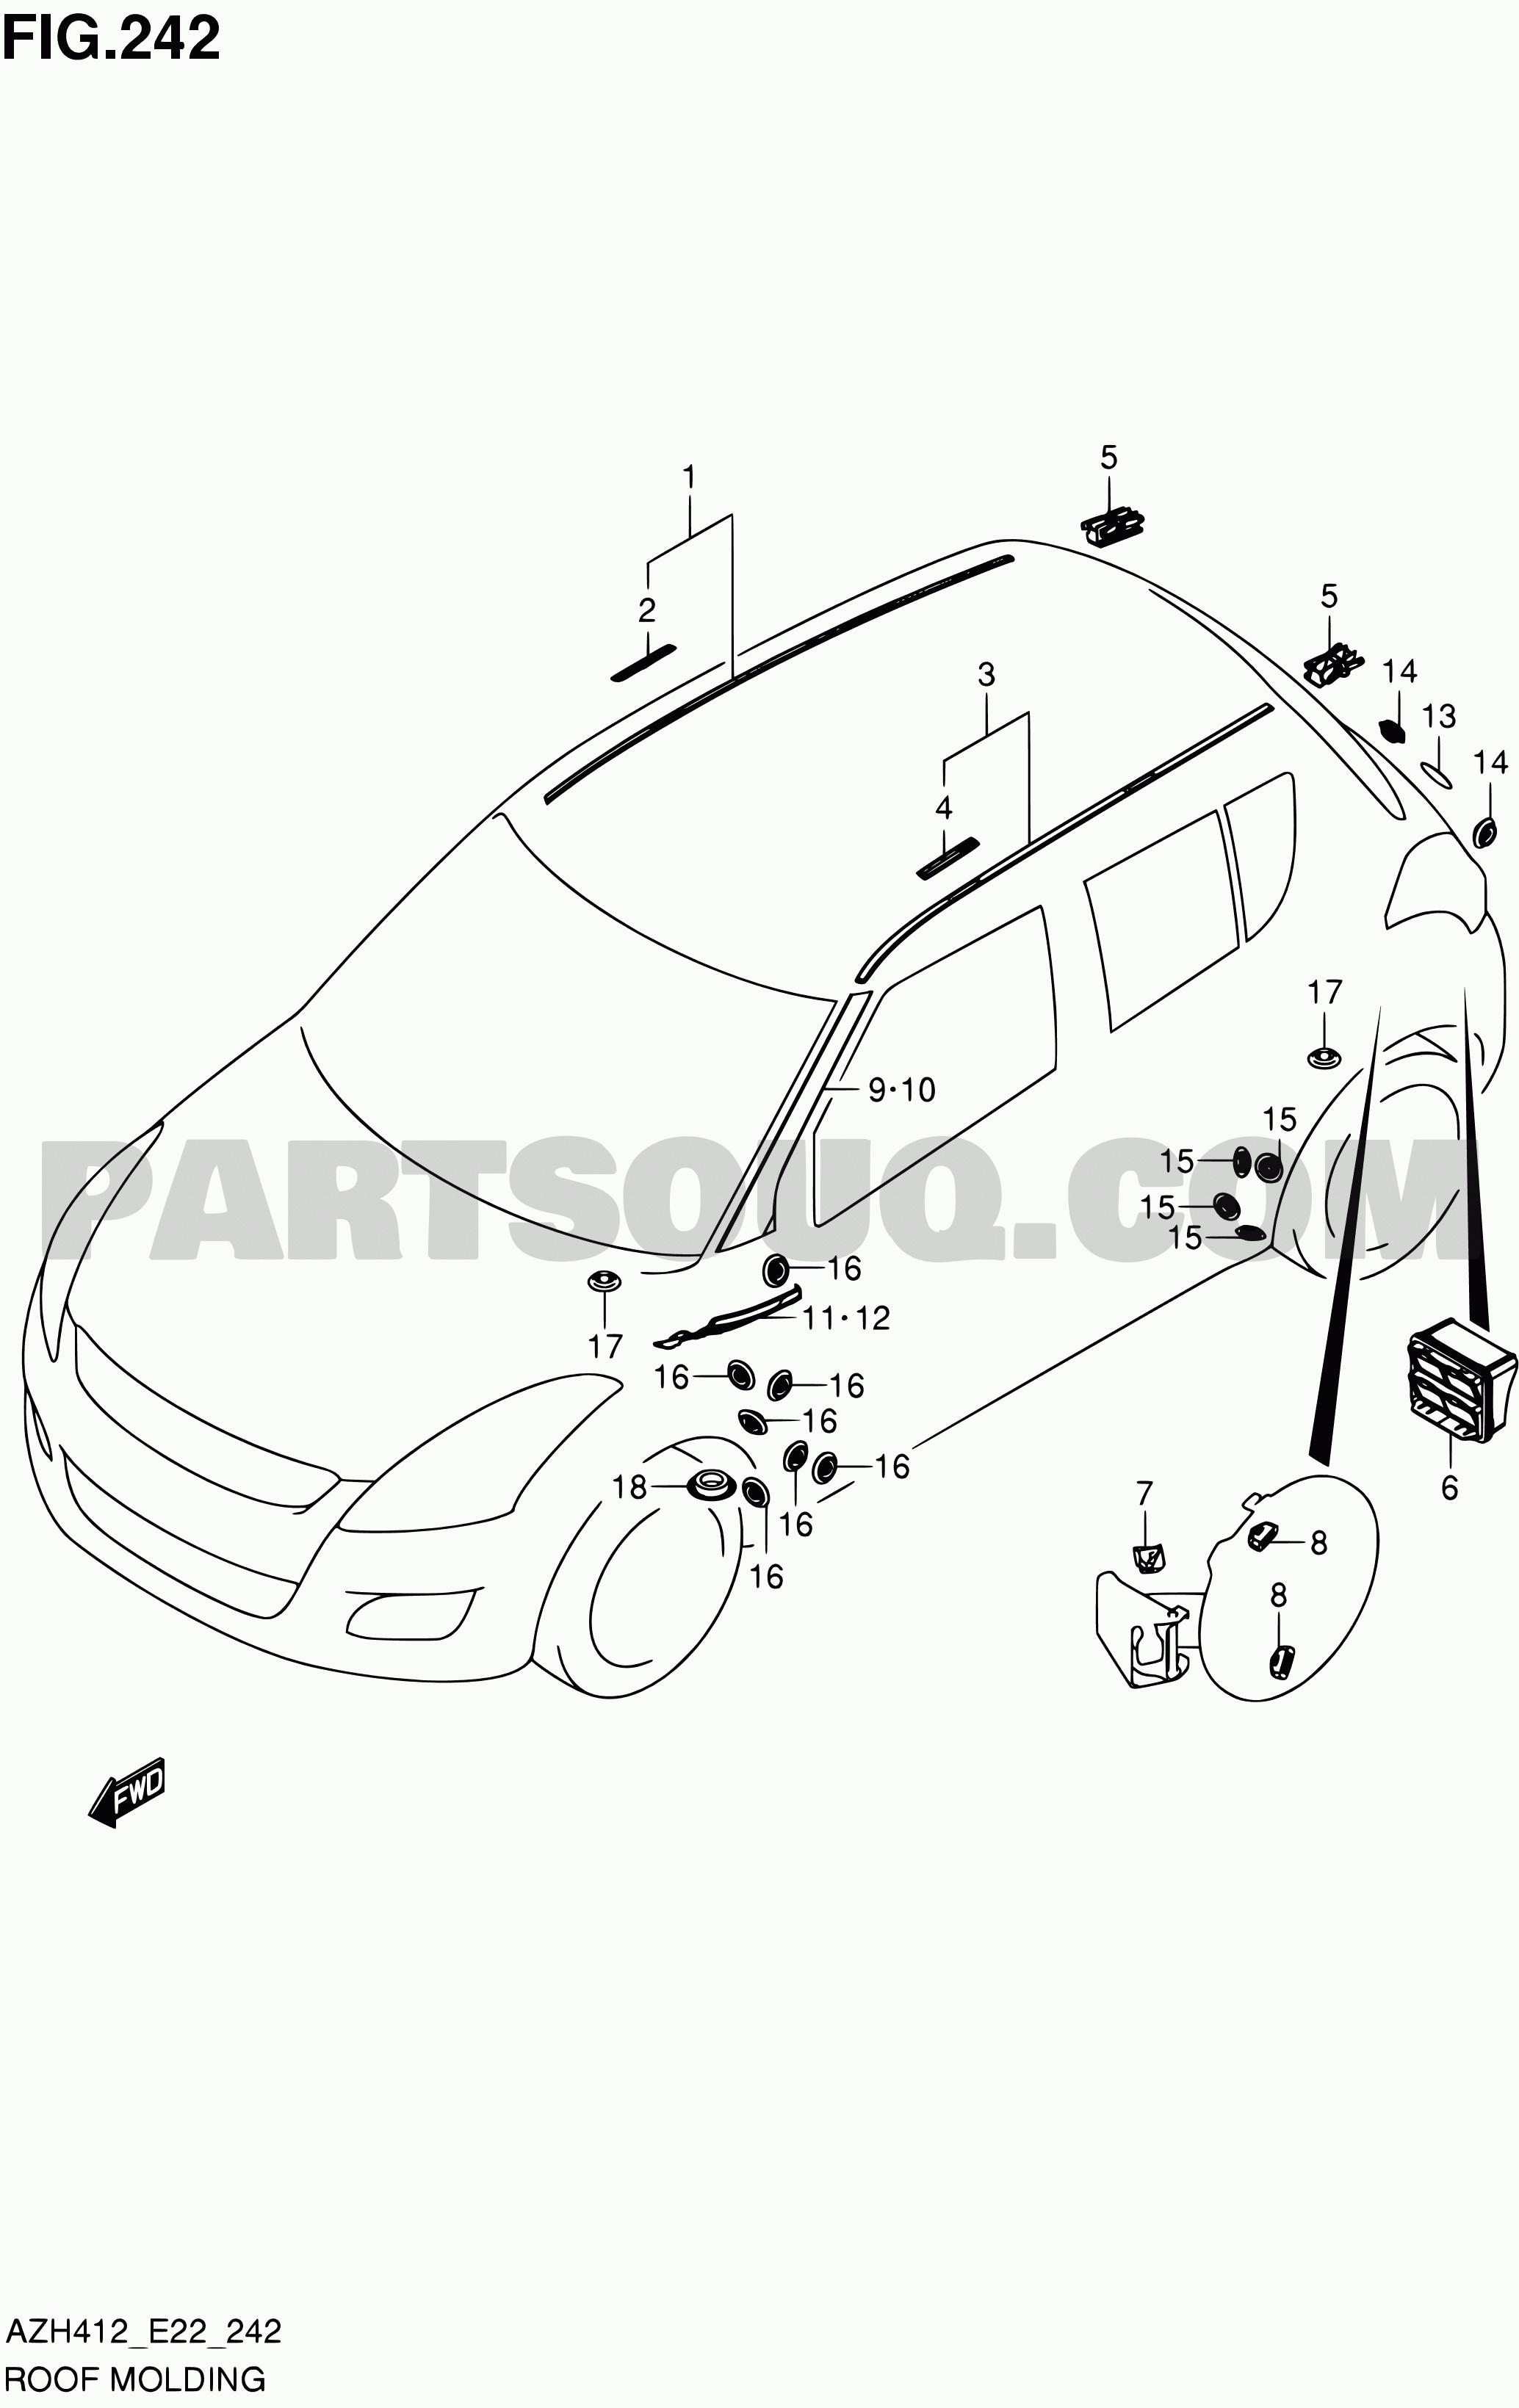 exterior car parts diagram 242 roof molding swift azh412